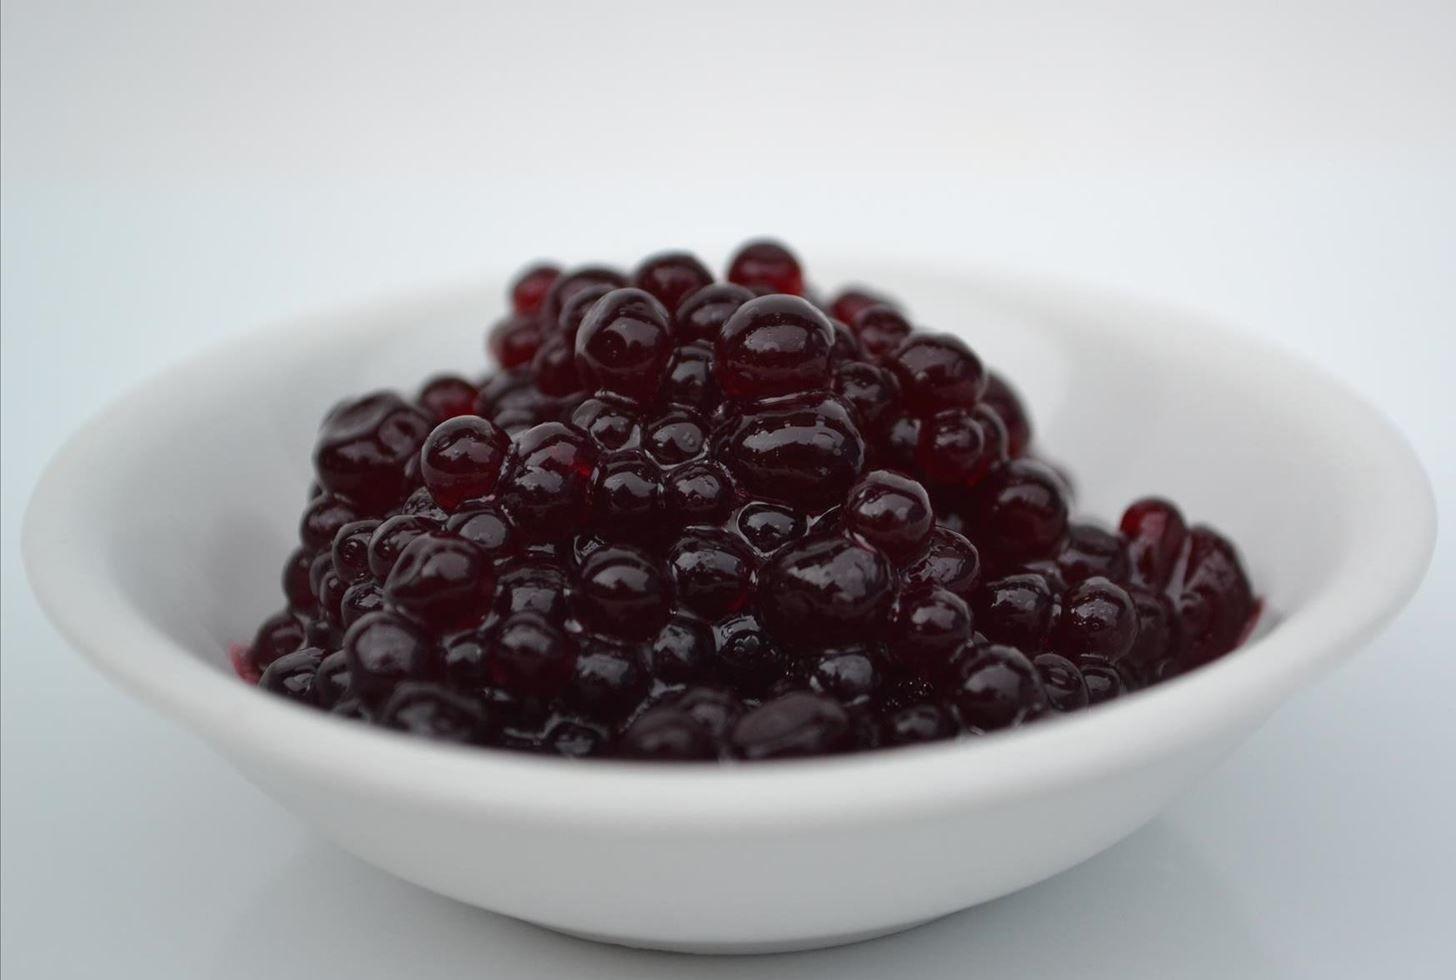 How To Make Easy Imitation Caviar At Home Boozy Cupcakes Recipes Coffee Caviar Recipe Molecular Gastronomy Recipes